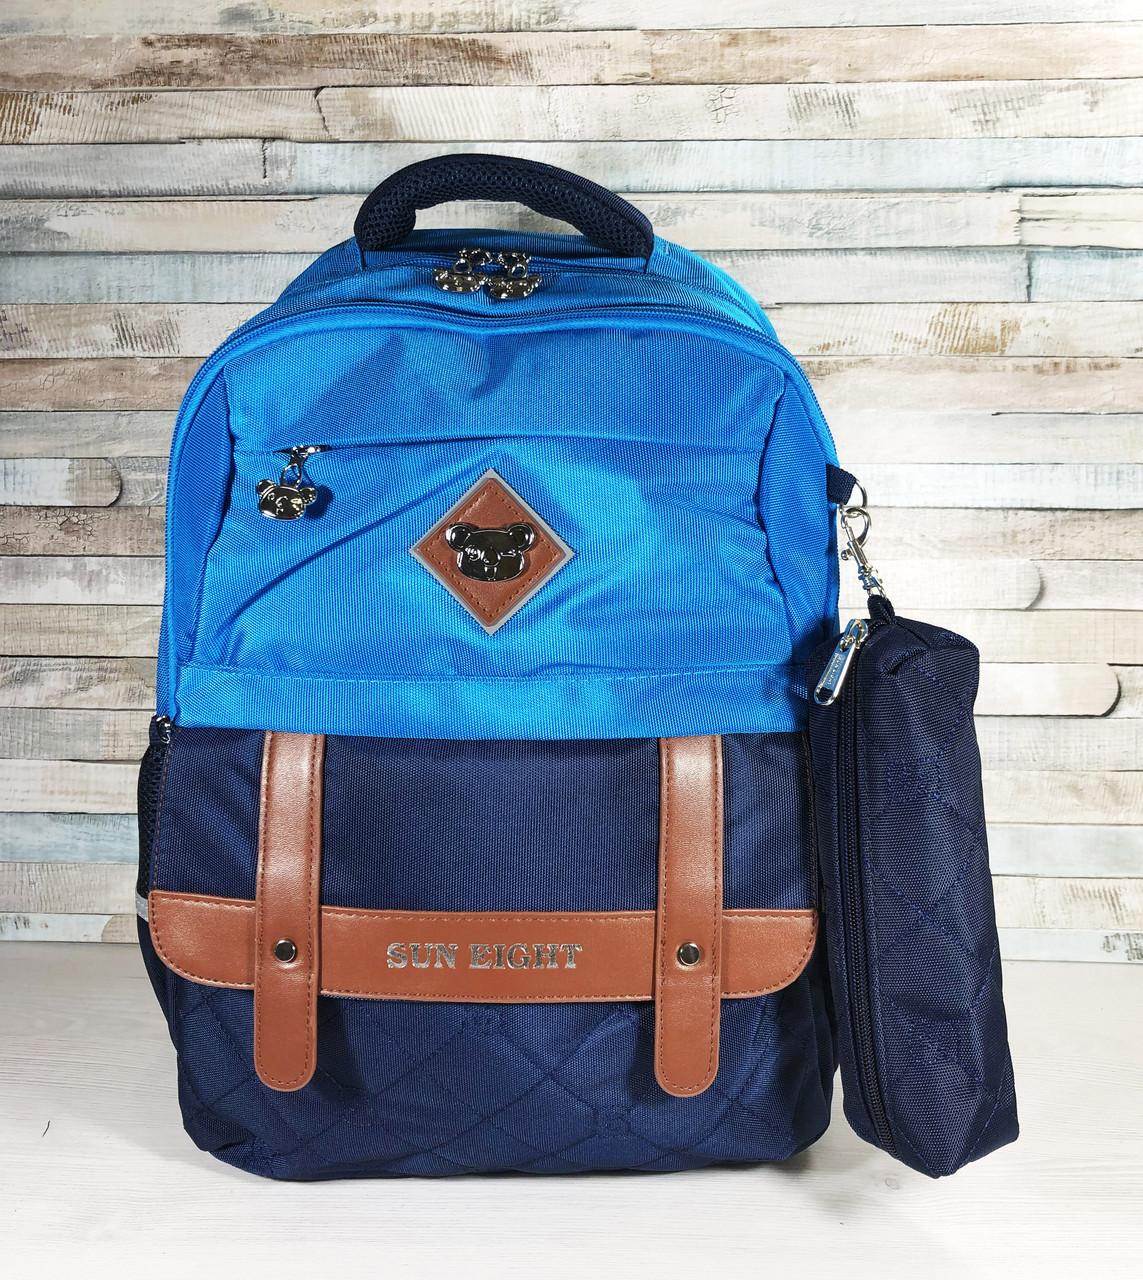 Детский ортопедический рюкзак с пеналом, школьный портфель ранец для мальчика 7-8-9 лет, синий-голубой